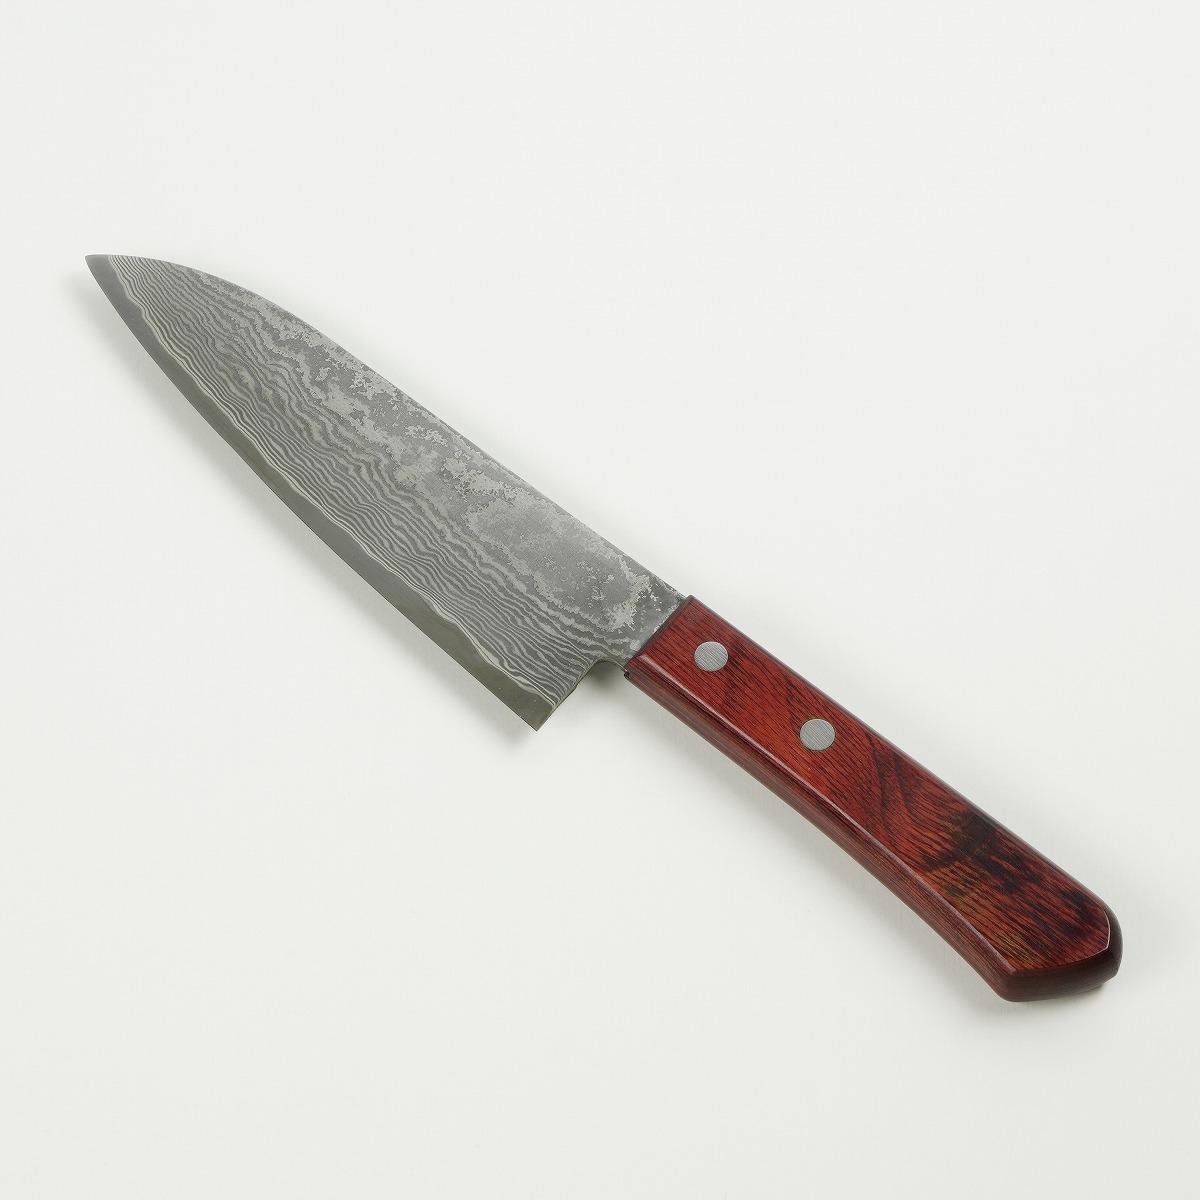 三徳包丁 両刃 165mm 粉末ステンレス積層鋼赤合板柄 ほんまもん推奨包丁